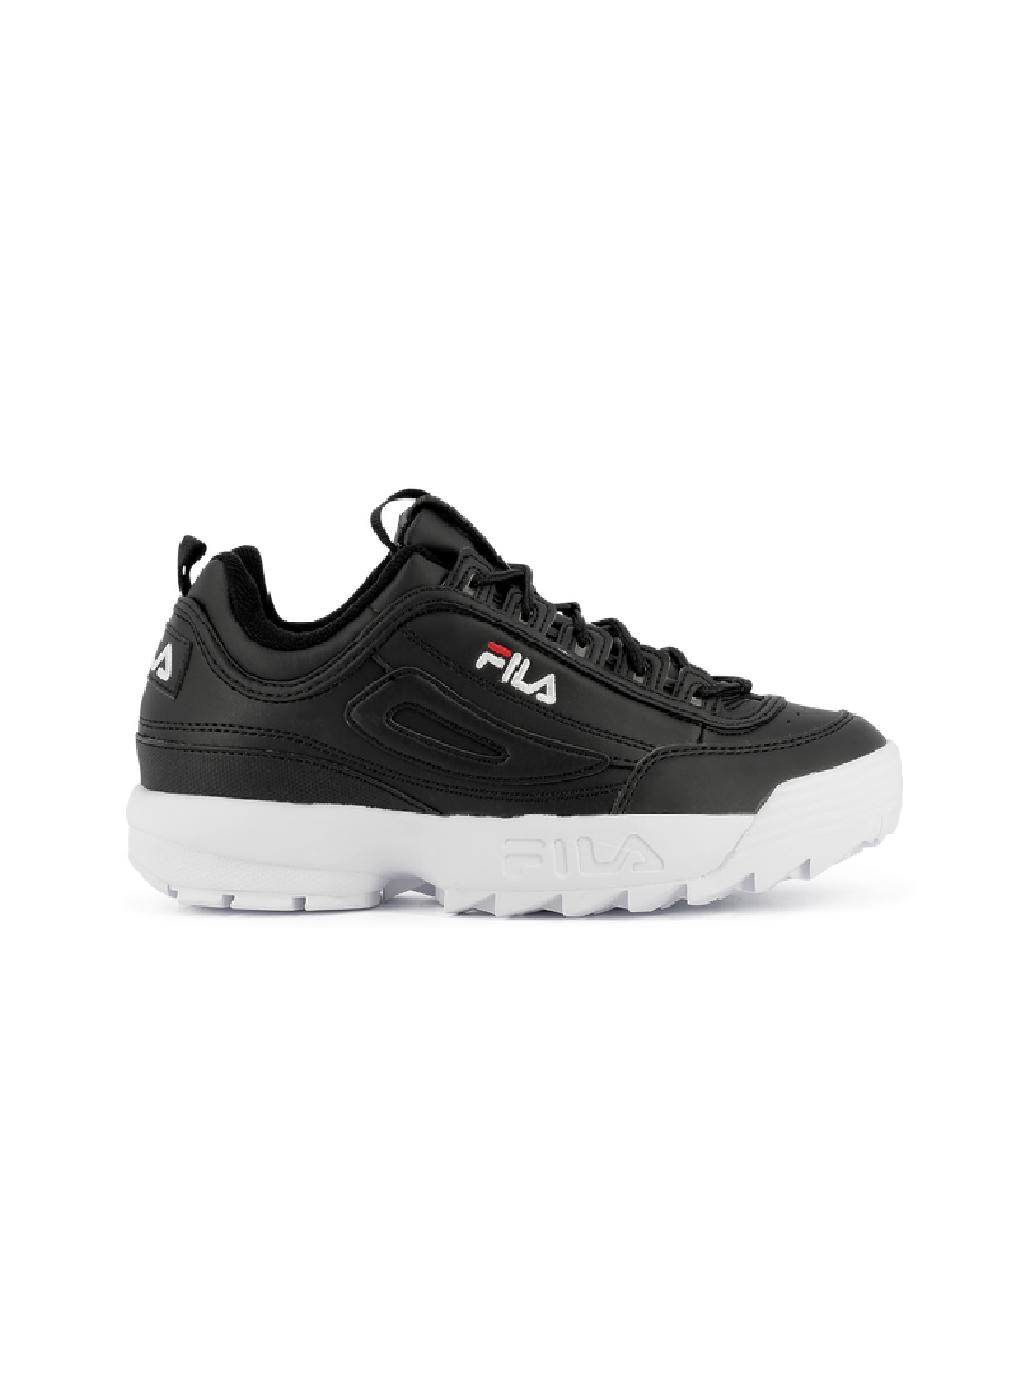 chaussure fila enfant noir